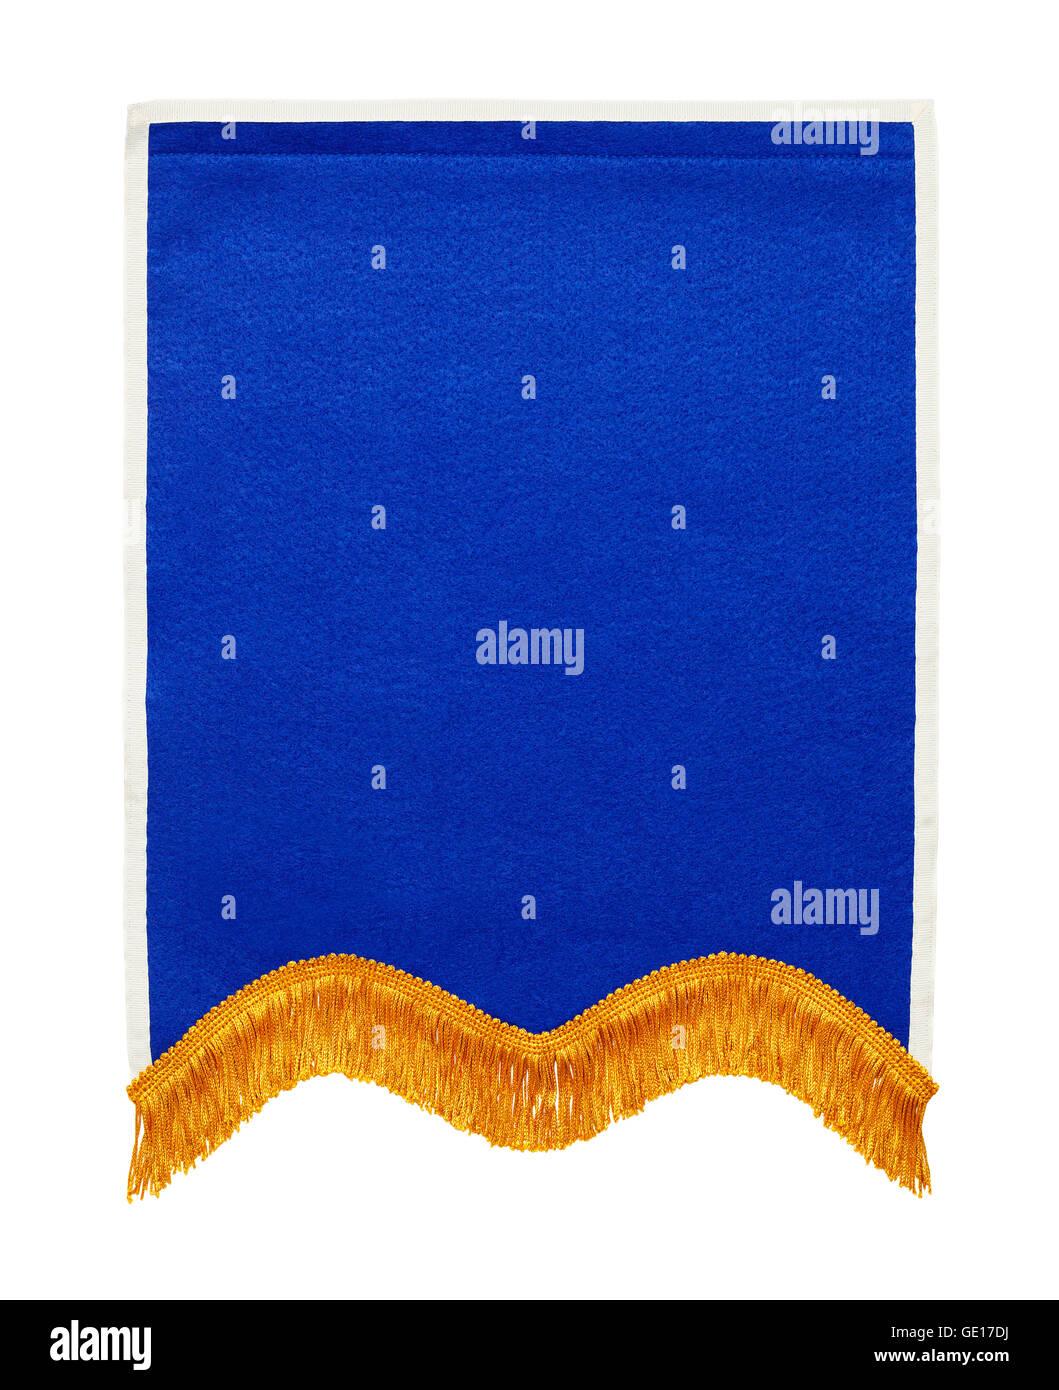 Premio Escolar azul Banner aislado sobre fondo blanco. Imagen De Stock